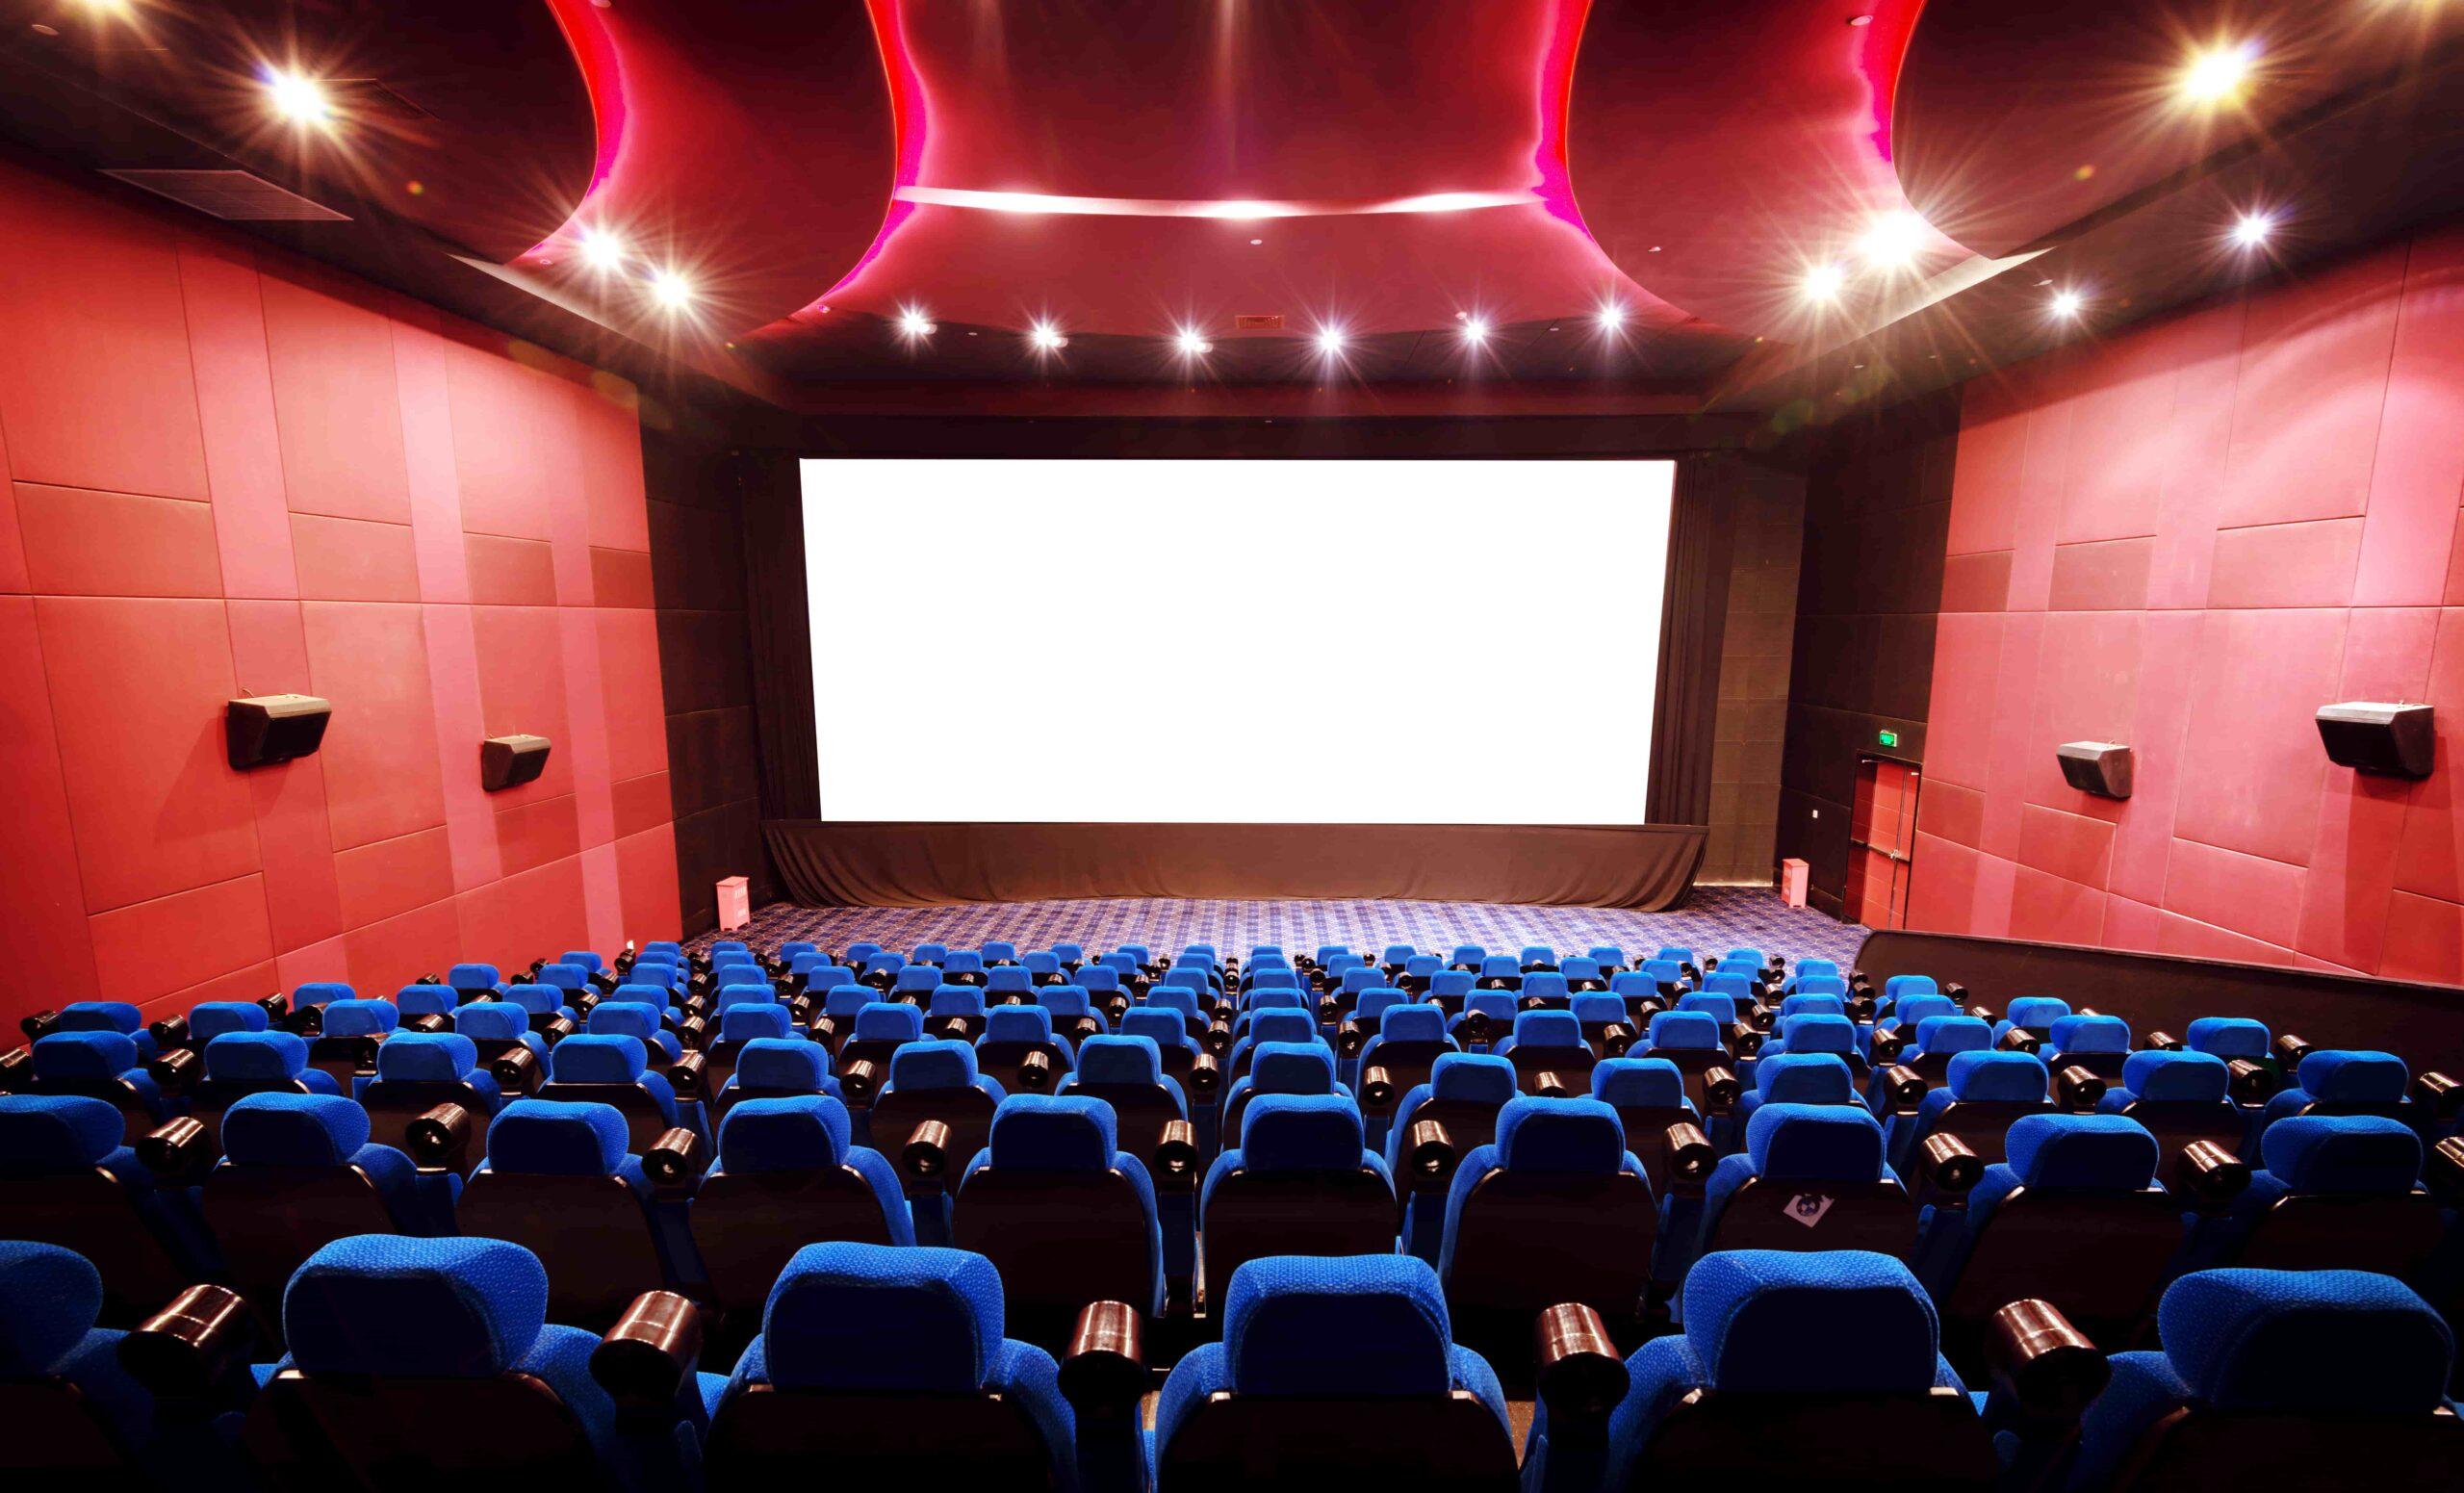 「映画館などはしっかり換気されている?高機能換気設備で3密を回避!」を公開しました。